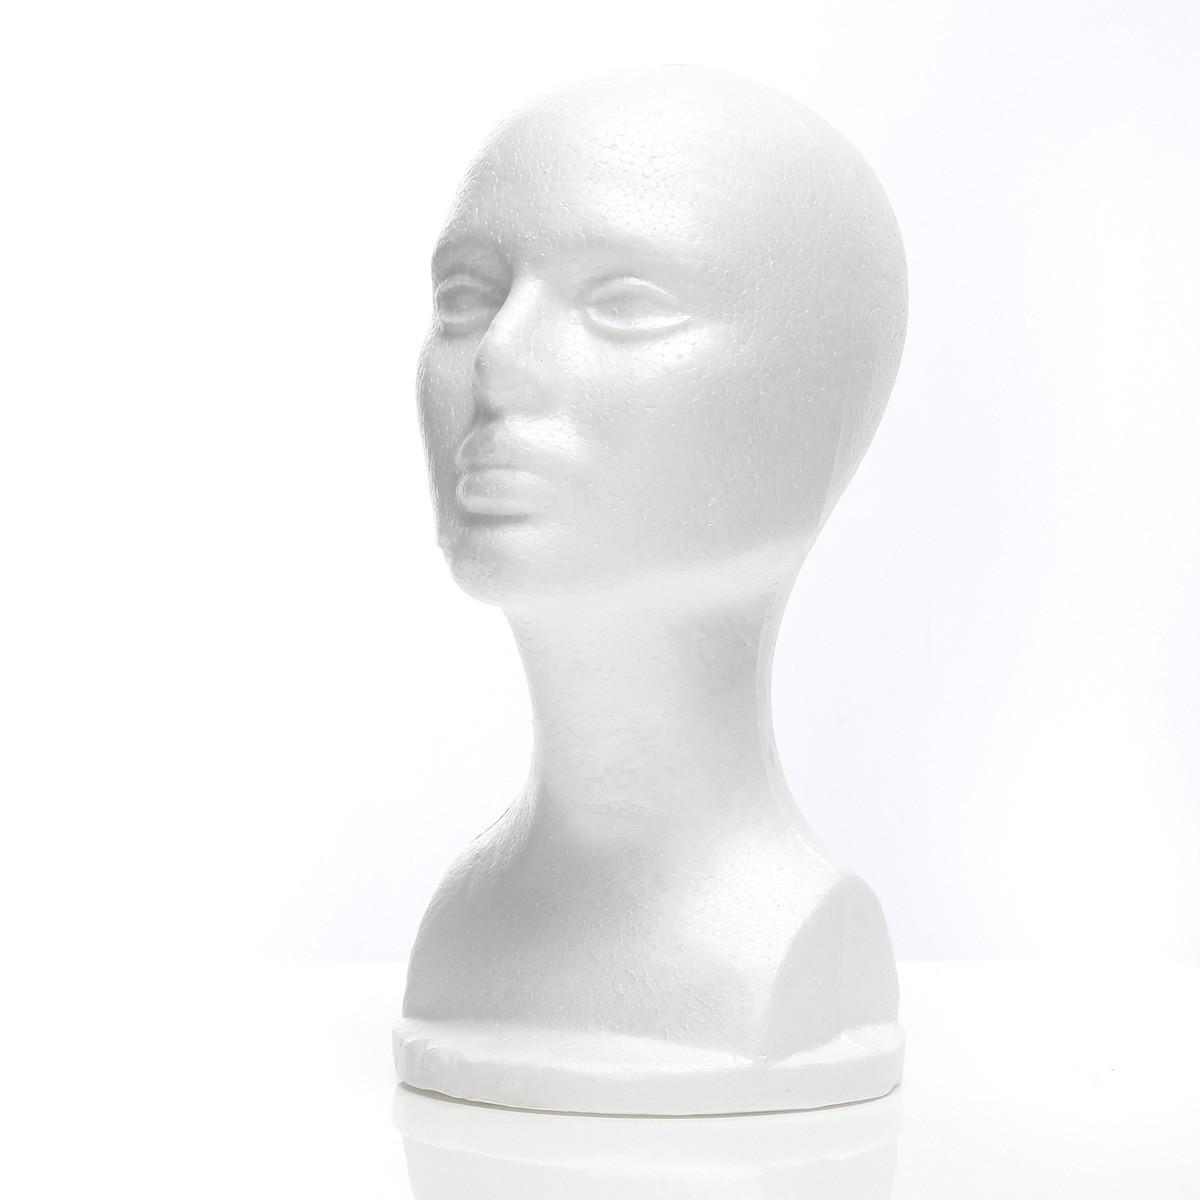 Пенопластовая головка из пенопласта, манекен, модель Очки Шапка Парик Дисплей Стенд